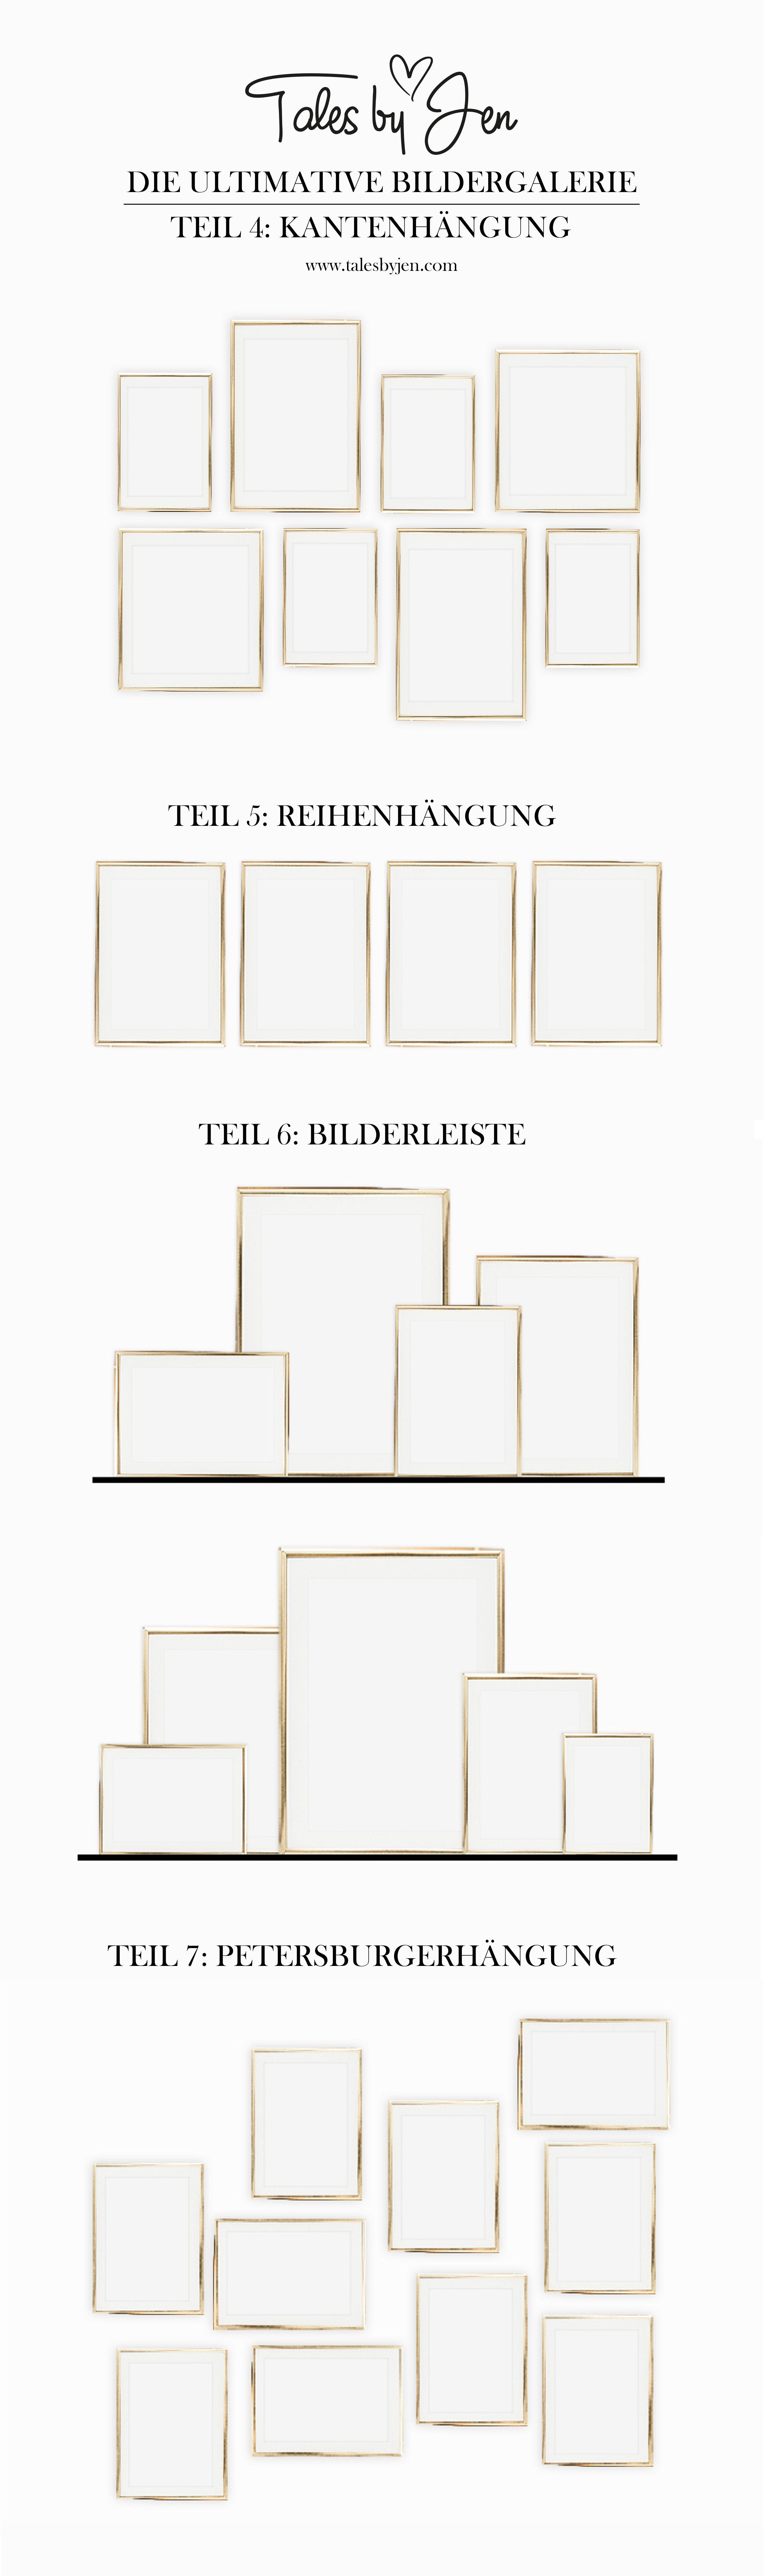 Die Ultimative Bildergalerie Ideen Fur Deine Posterwand Verwandle Dein Wohn Die Ultimative Bildergalerie Ideen Fur In 2020 Bildergalerie Bild Leiste Bilderleiste